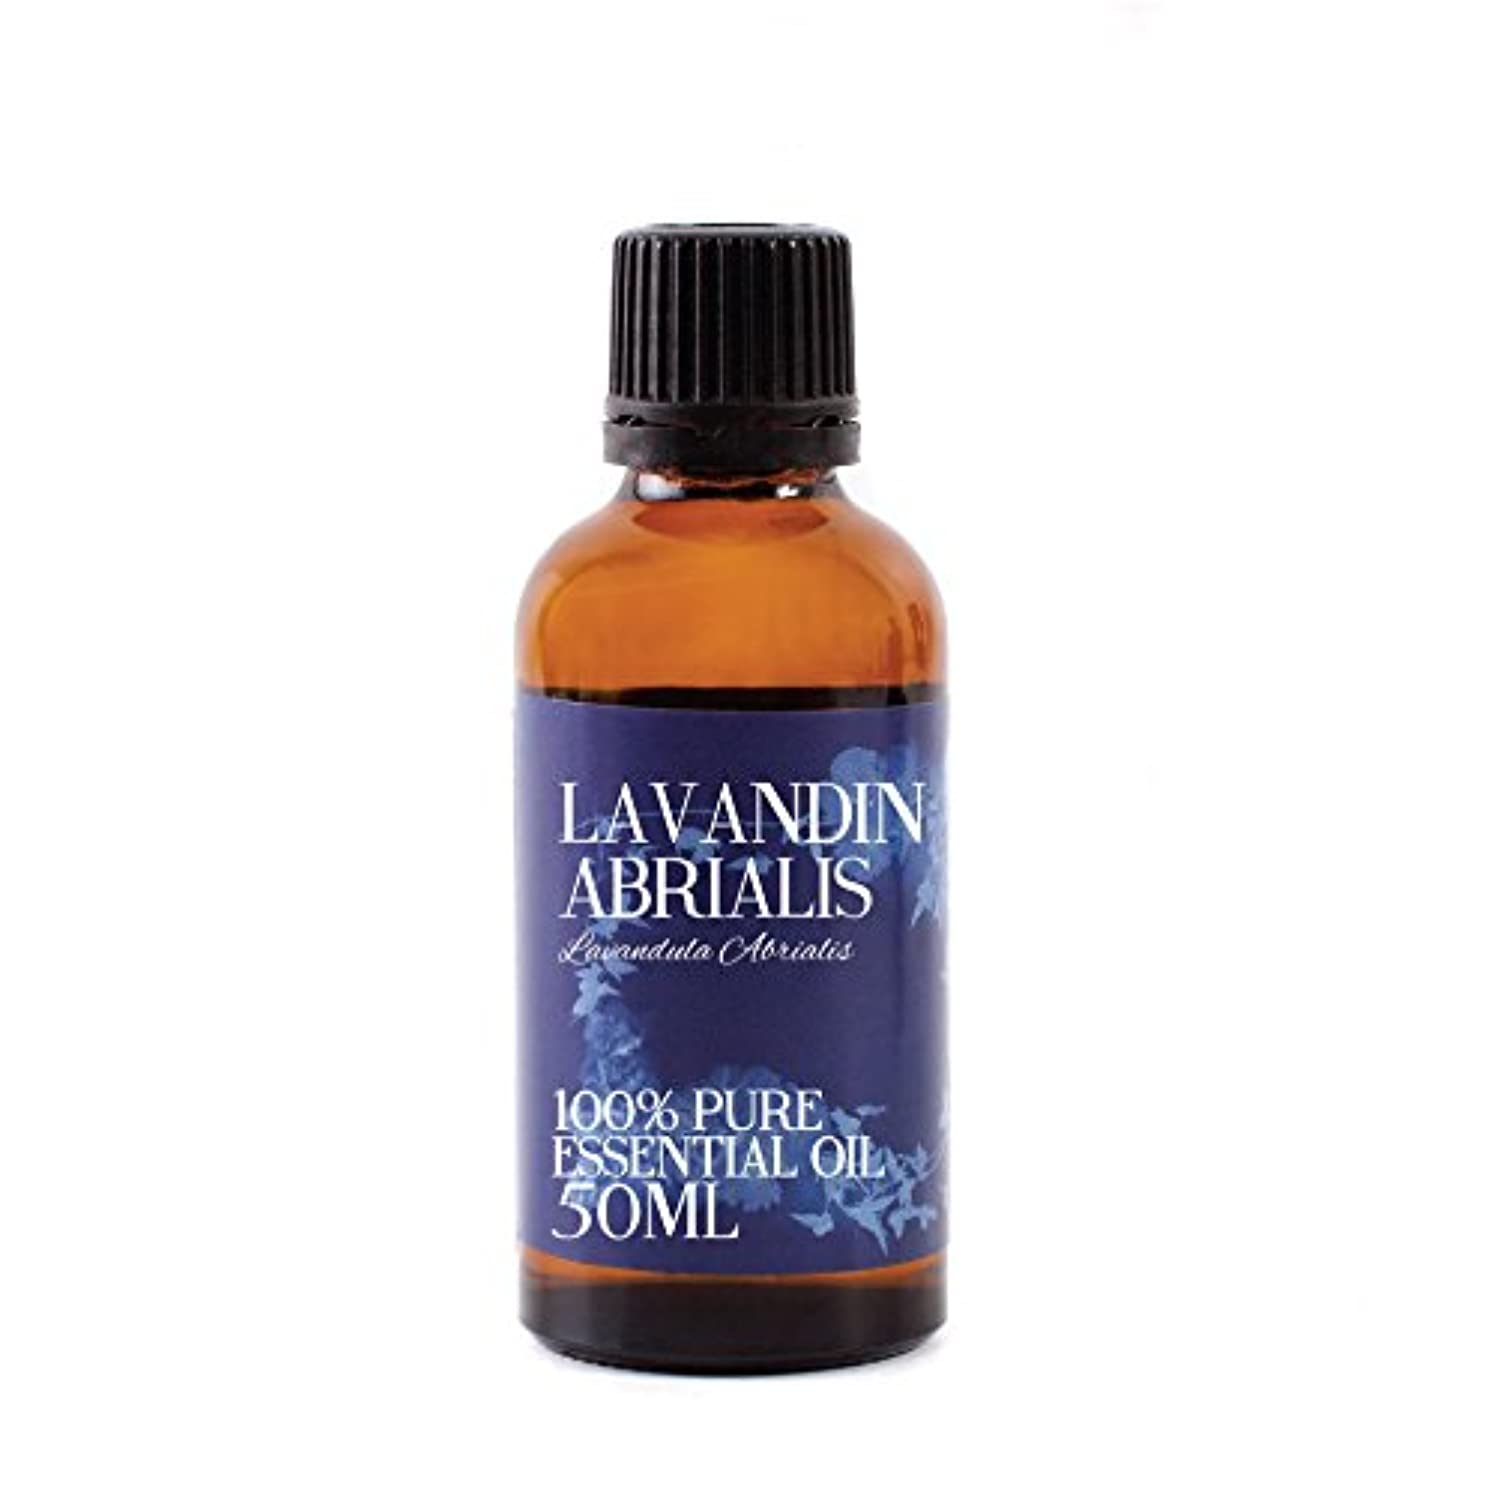 声を出して恋人グラスMystic Moments | Lavandin Abrialis Essential Oil - 50ml - 100% Pure